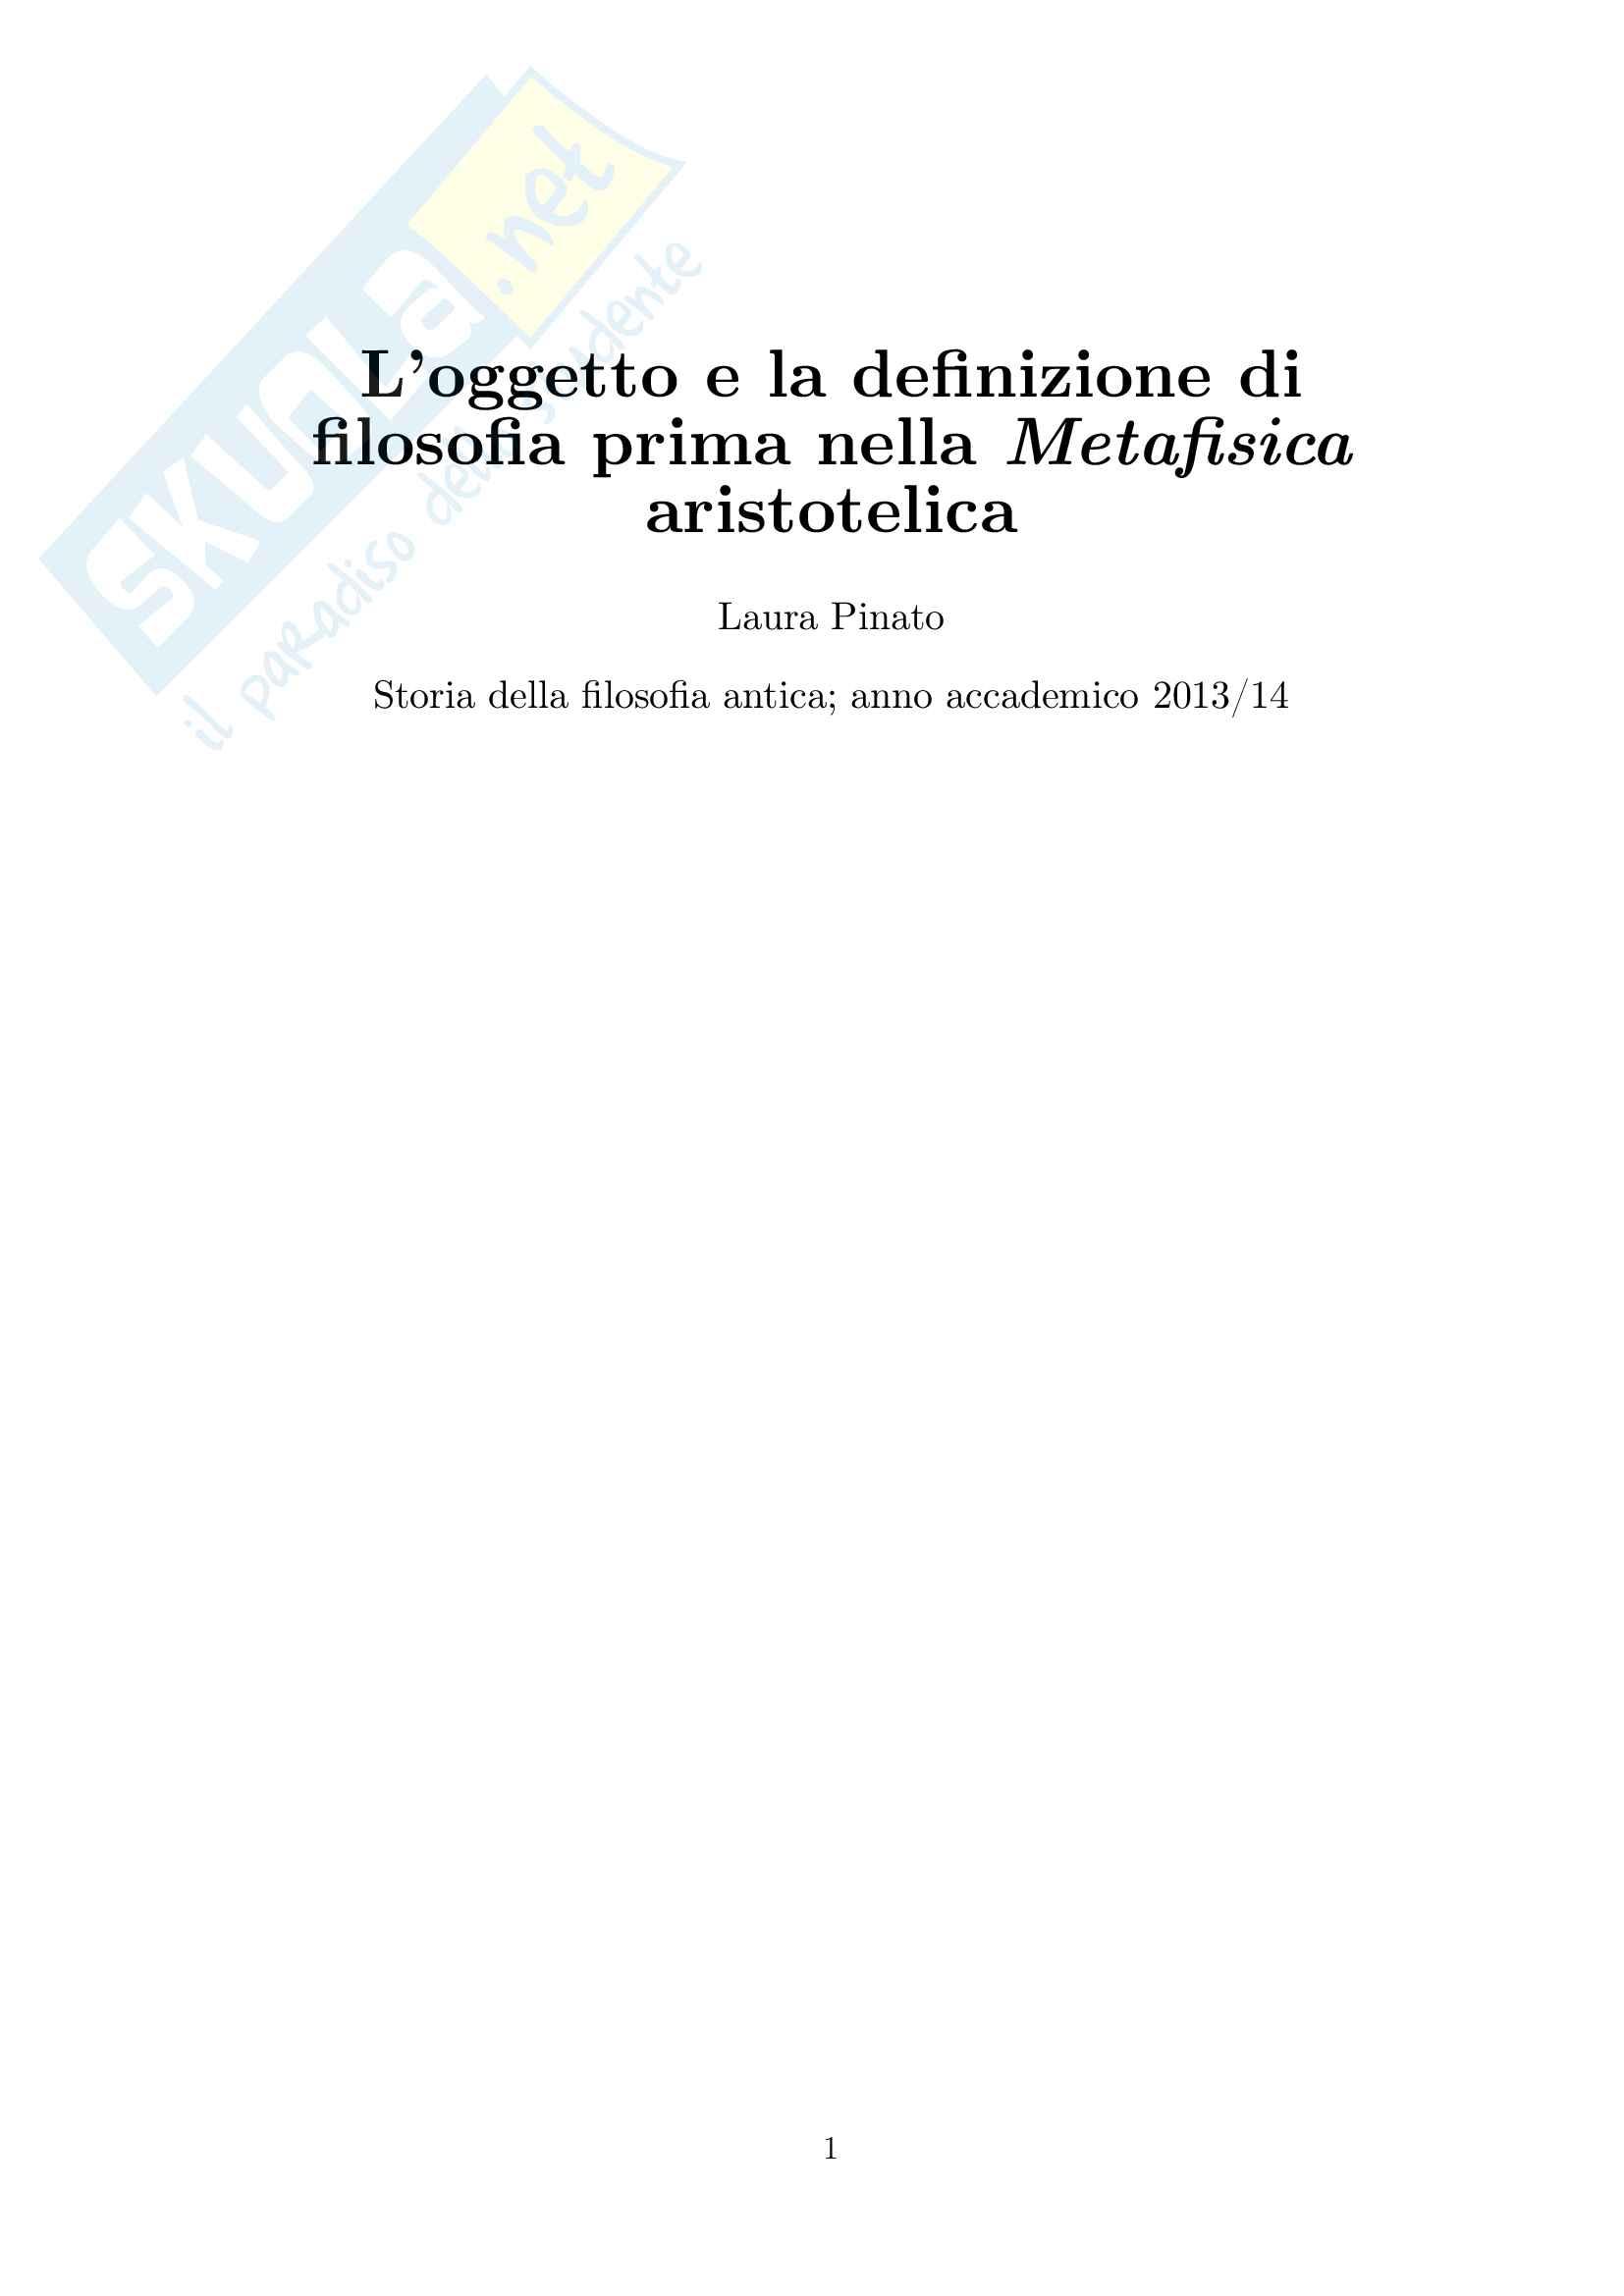 Relazione Storia della Filosofia antica: Laura Pinato